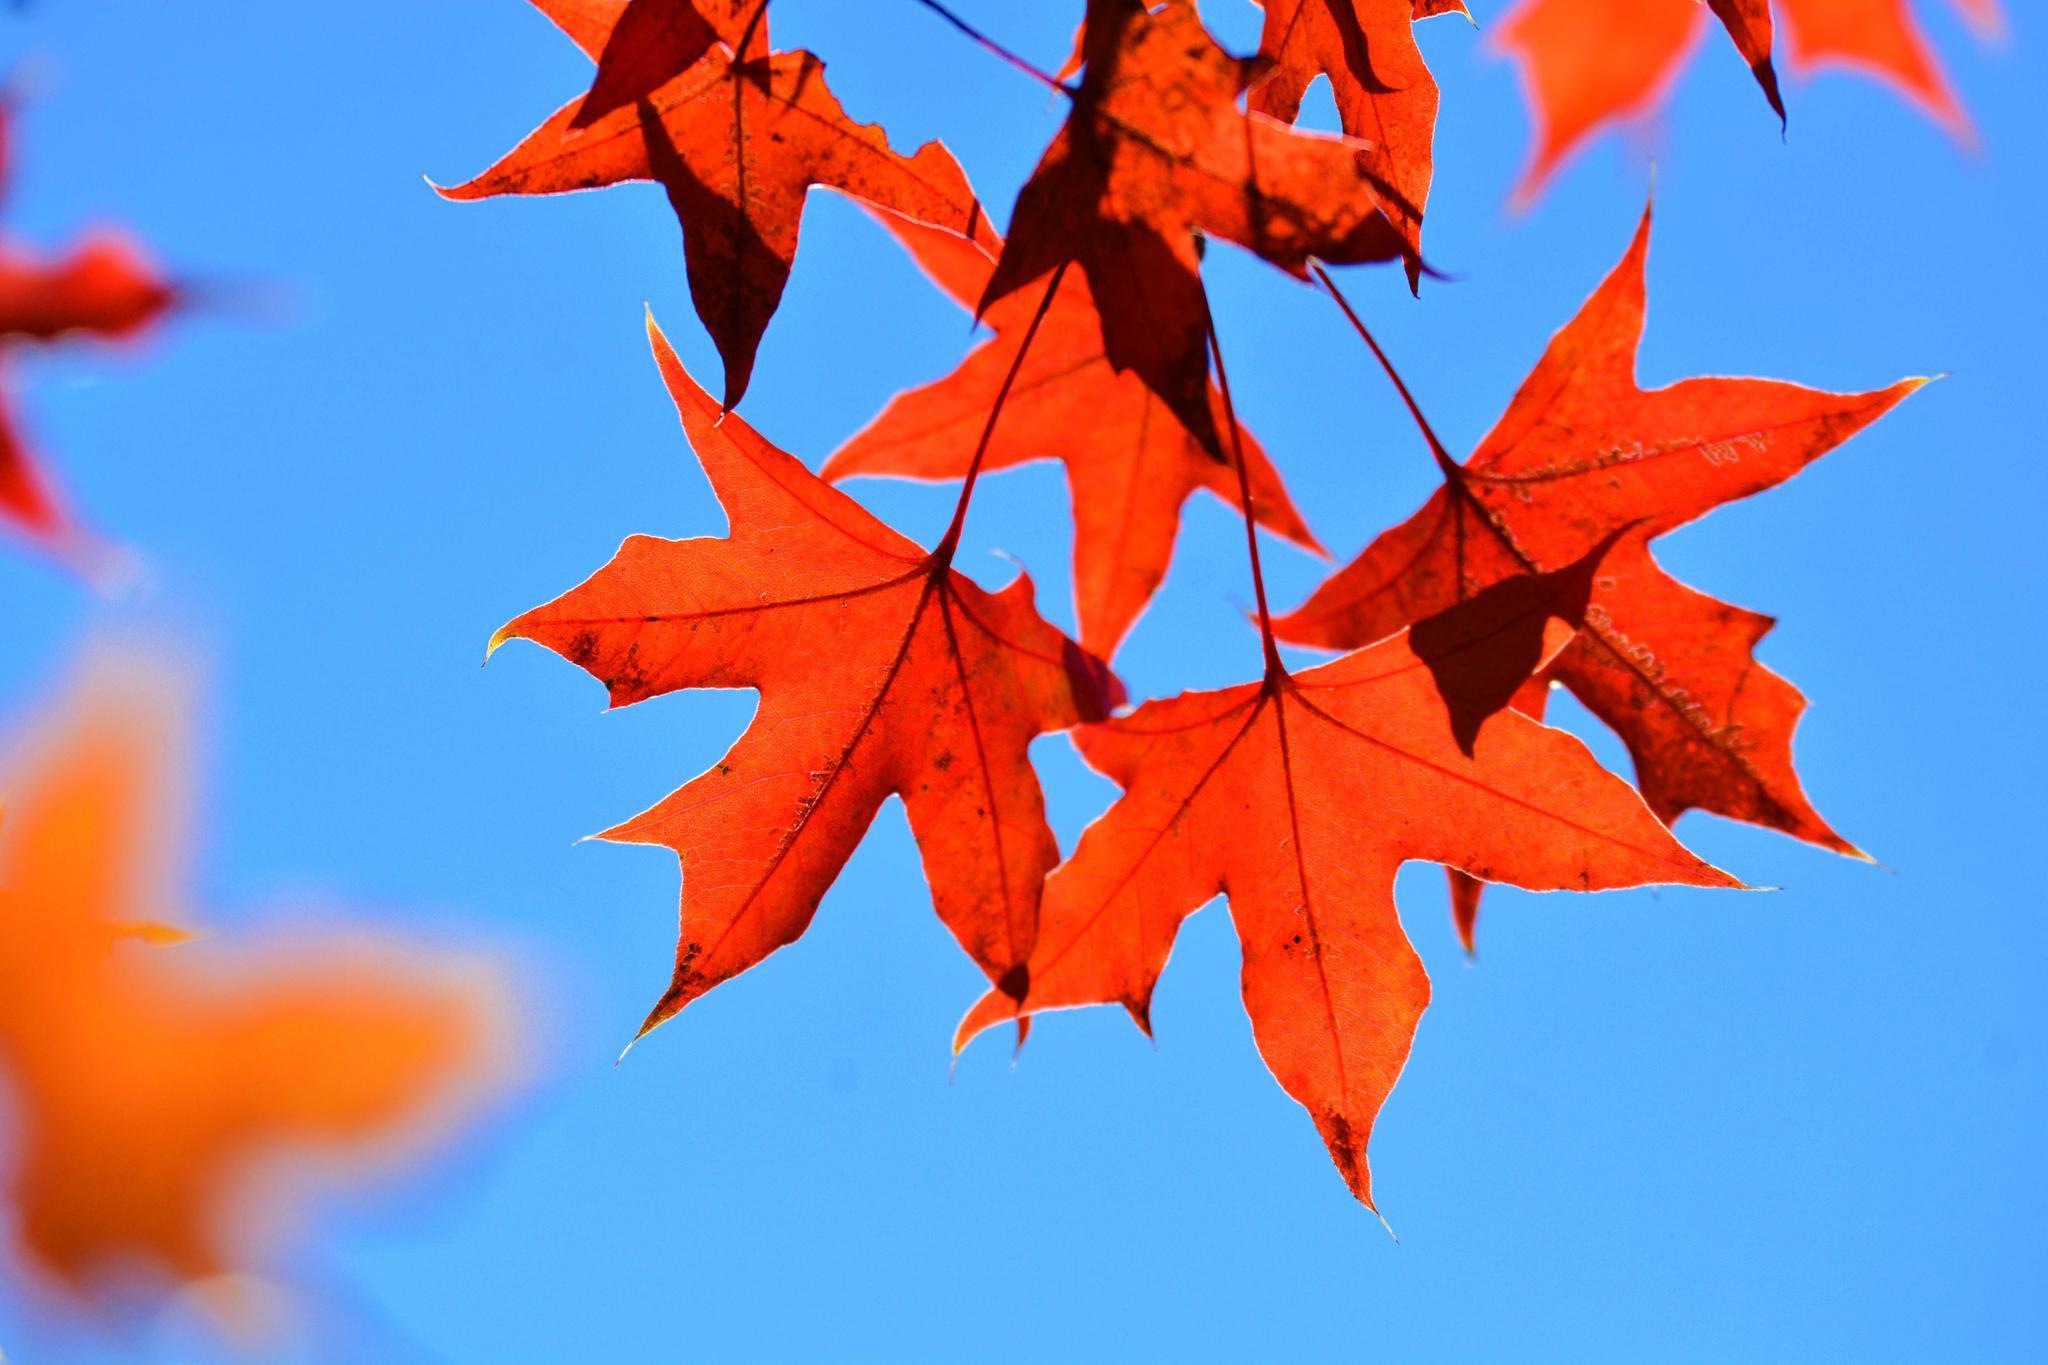 秋天的红叶,原创拍摄